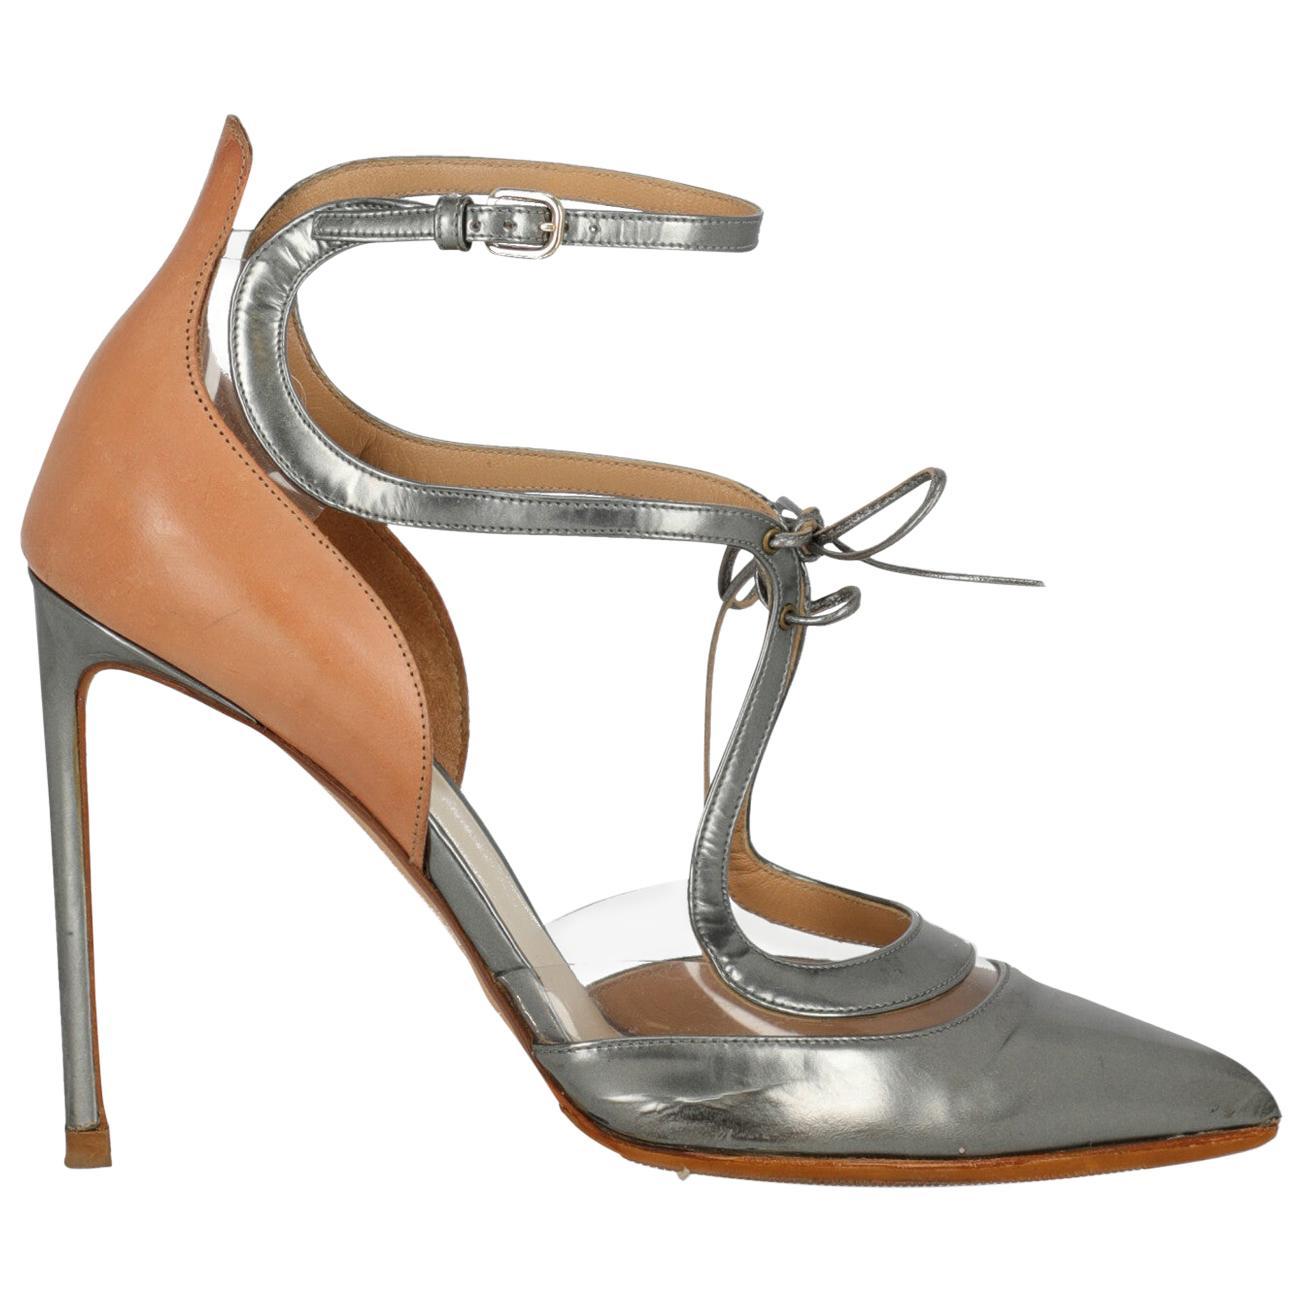 Francesco Russo Woman Pumps Camel Color, Silver EU 40